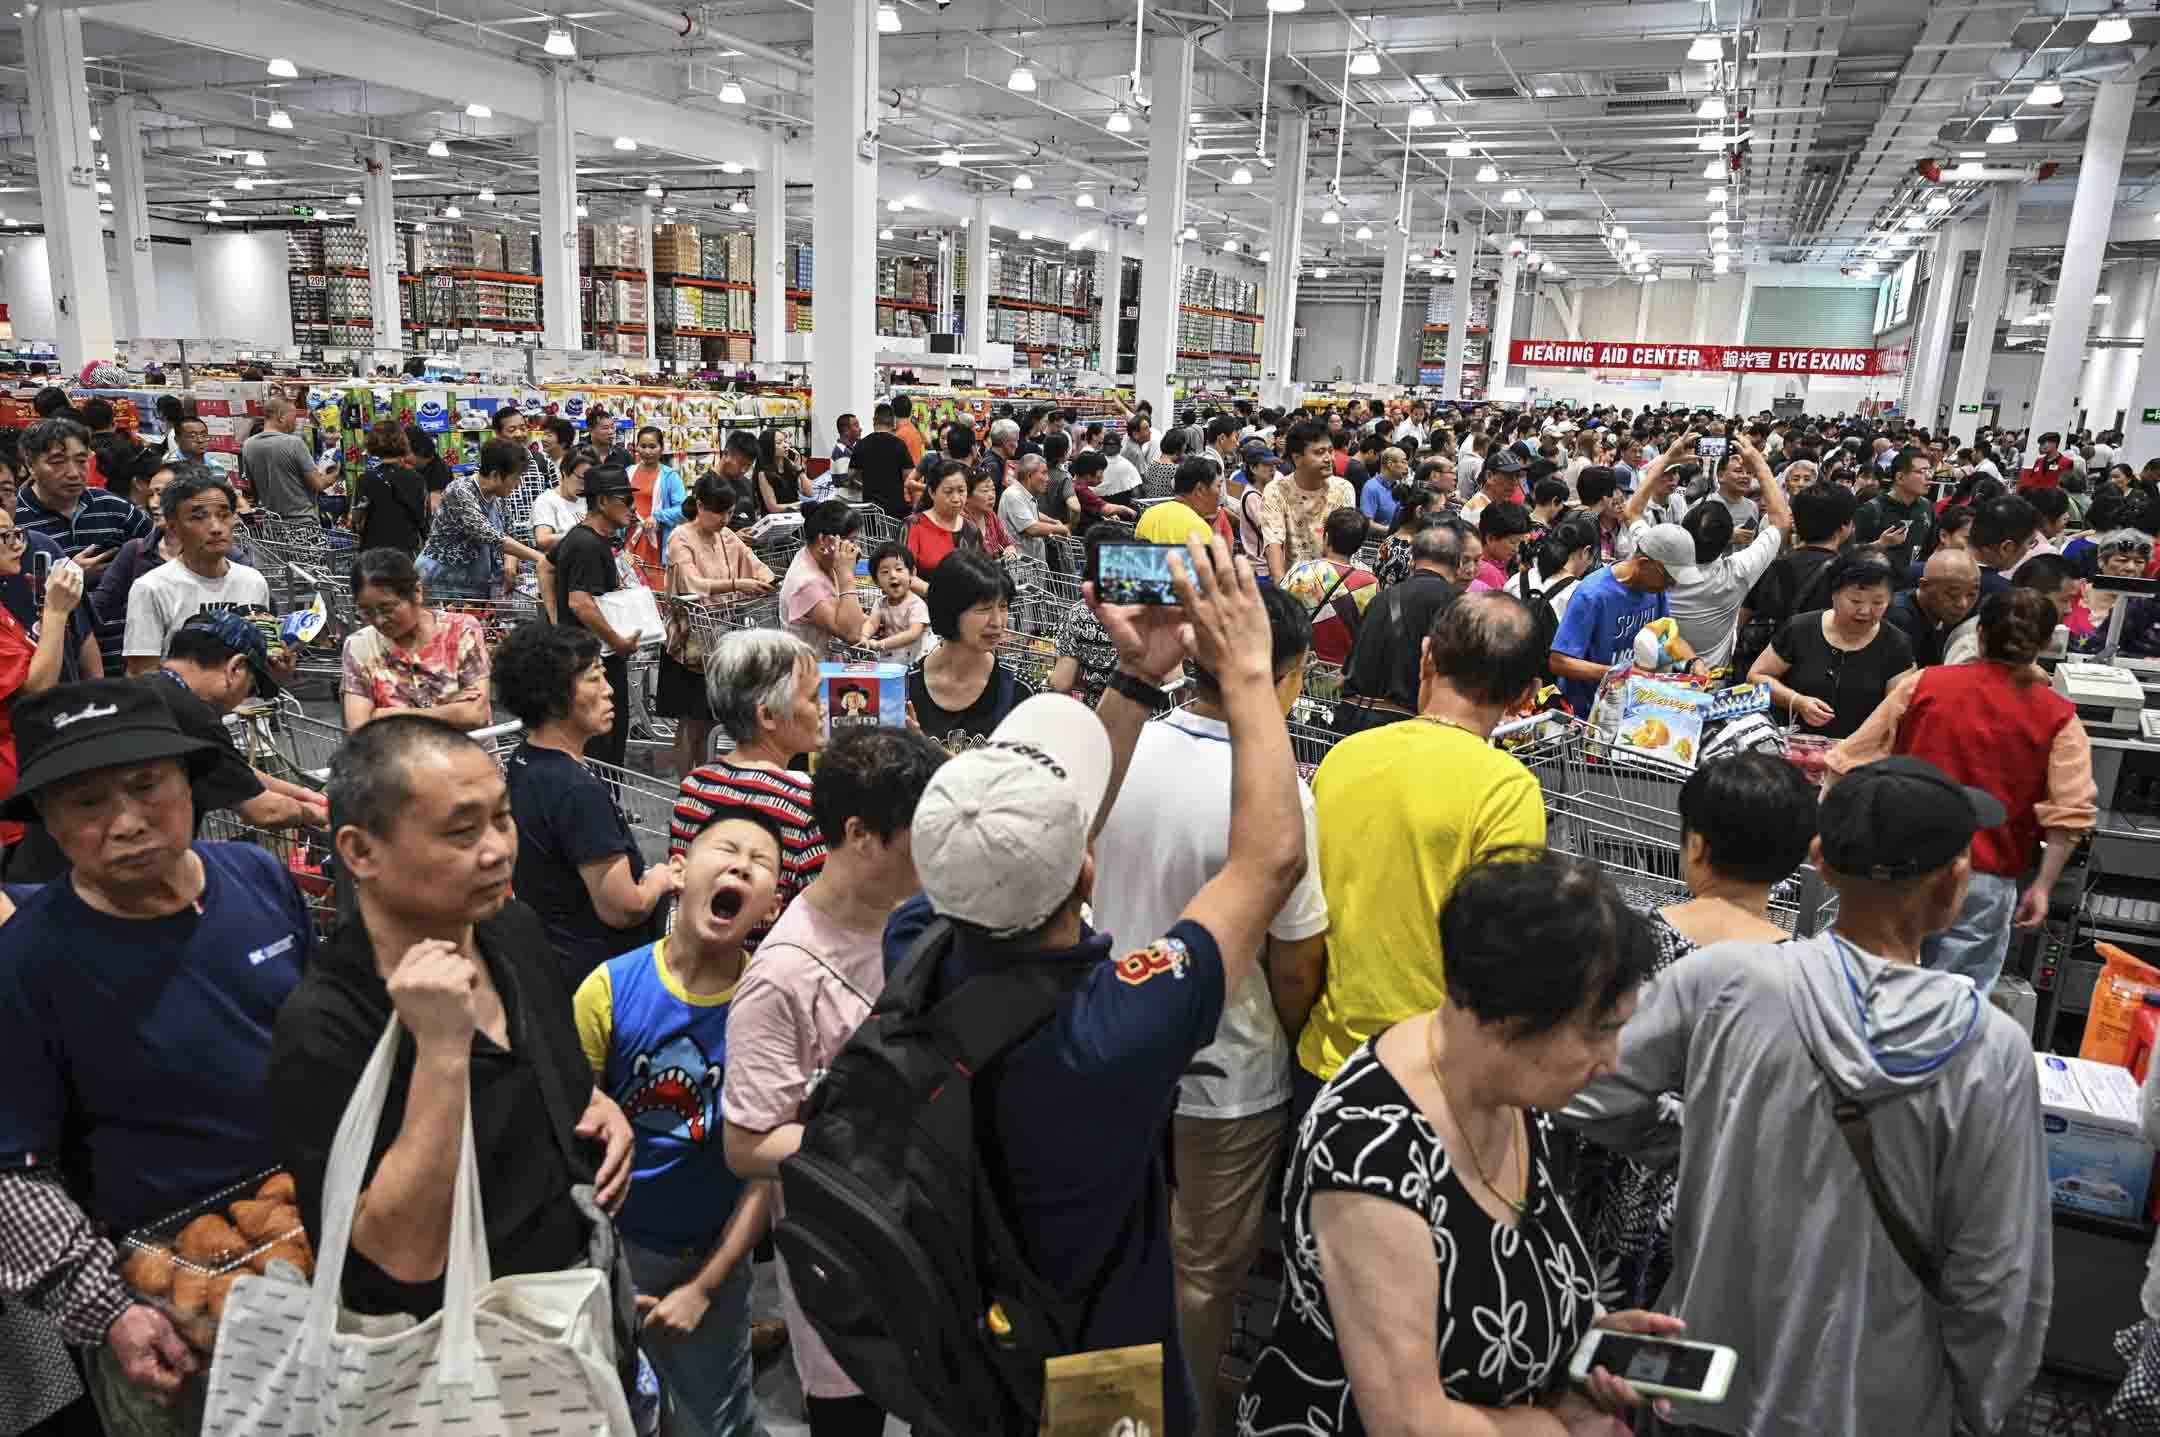 2019年8月27日,中國第一家Costco商店在上海開業,大量顧客到訪購物。 攝:Hector Retamal/AFP via Getty Images